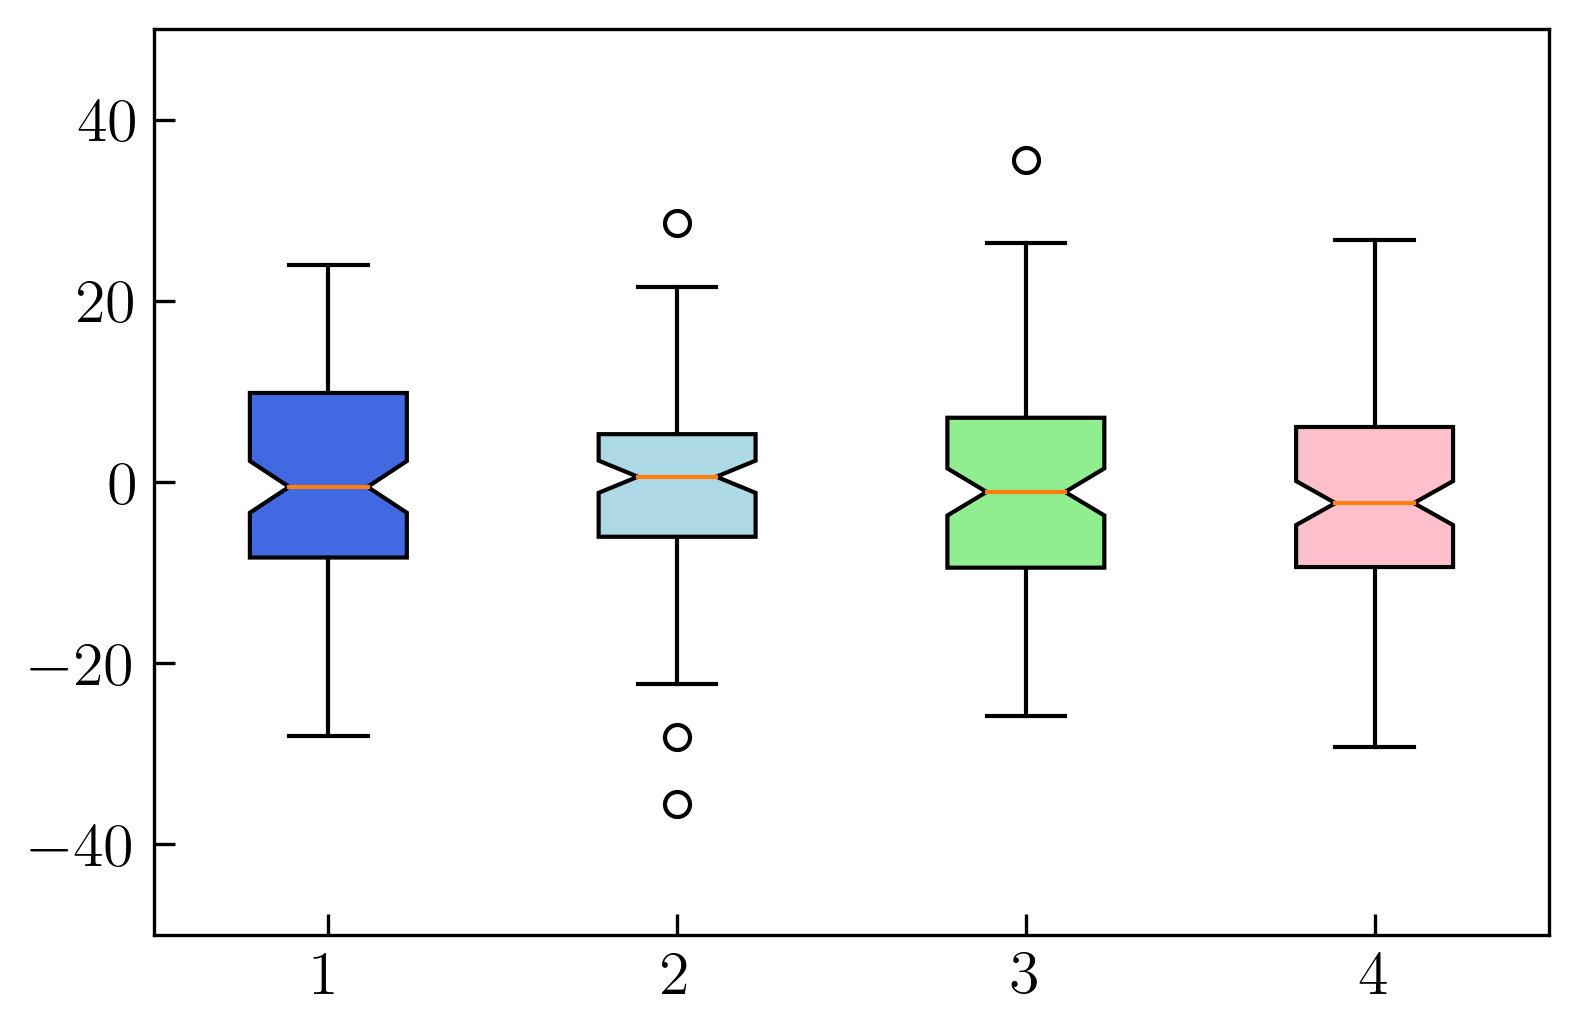 图10. 箱形图中显示缺口